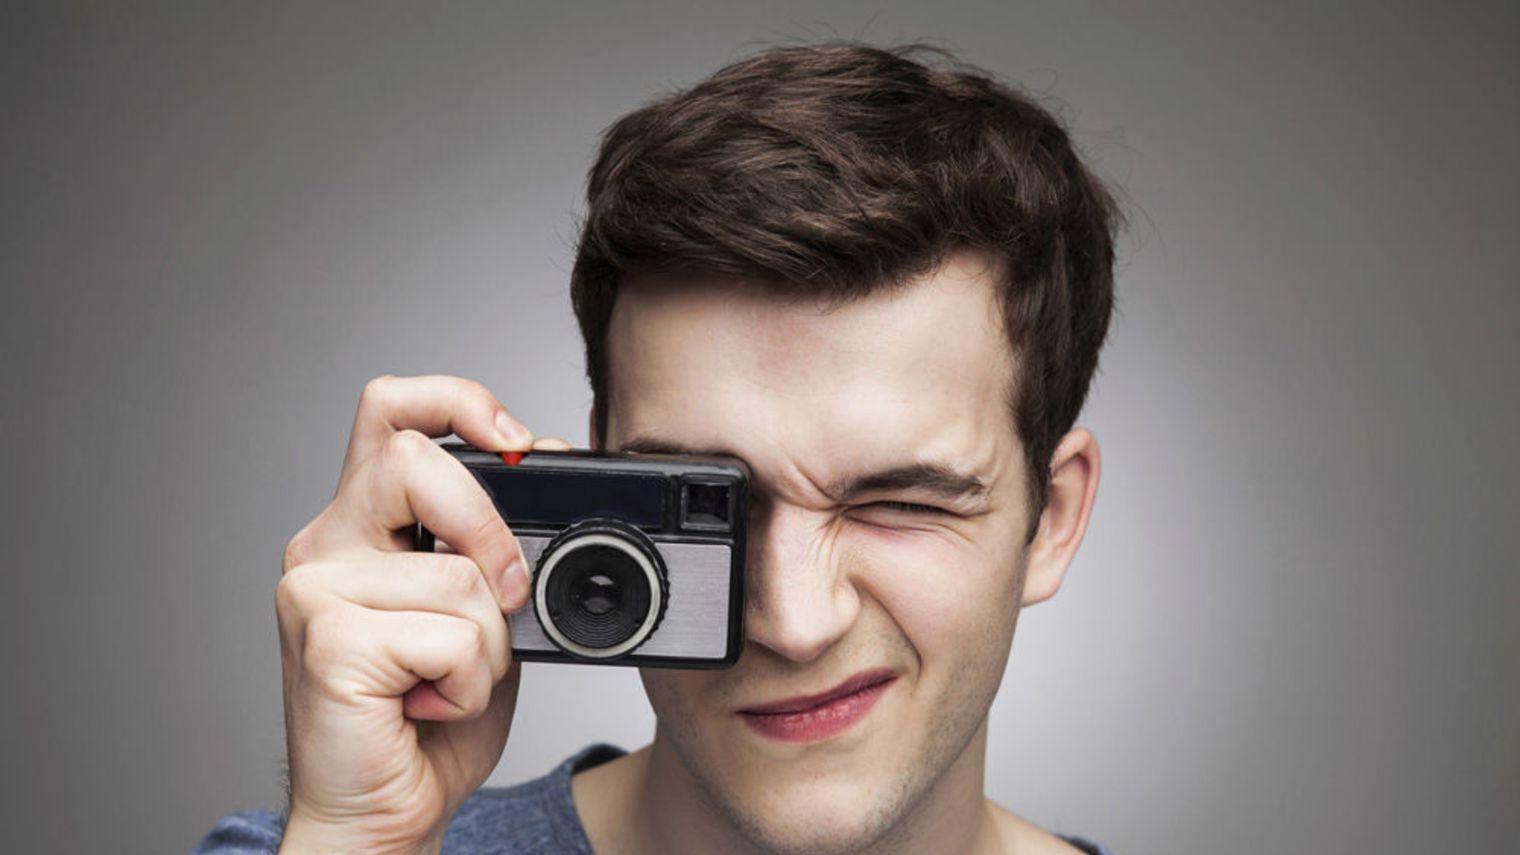 Ecole Photographie : Un départ tentant pour les futurs photographes professionnels